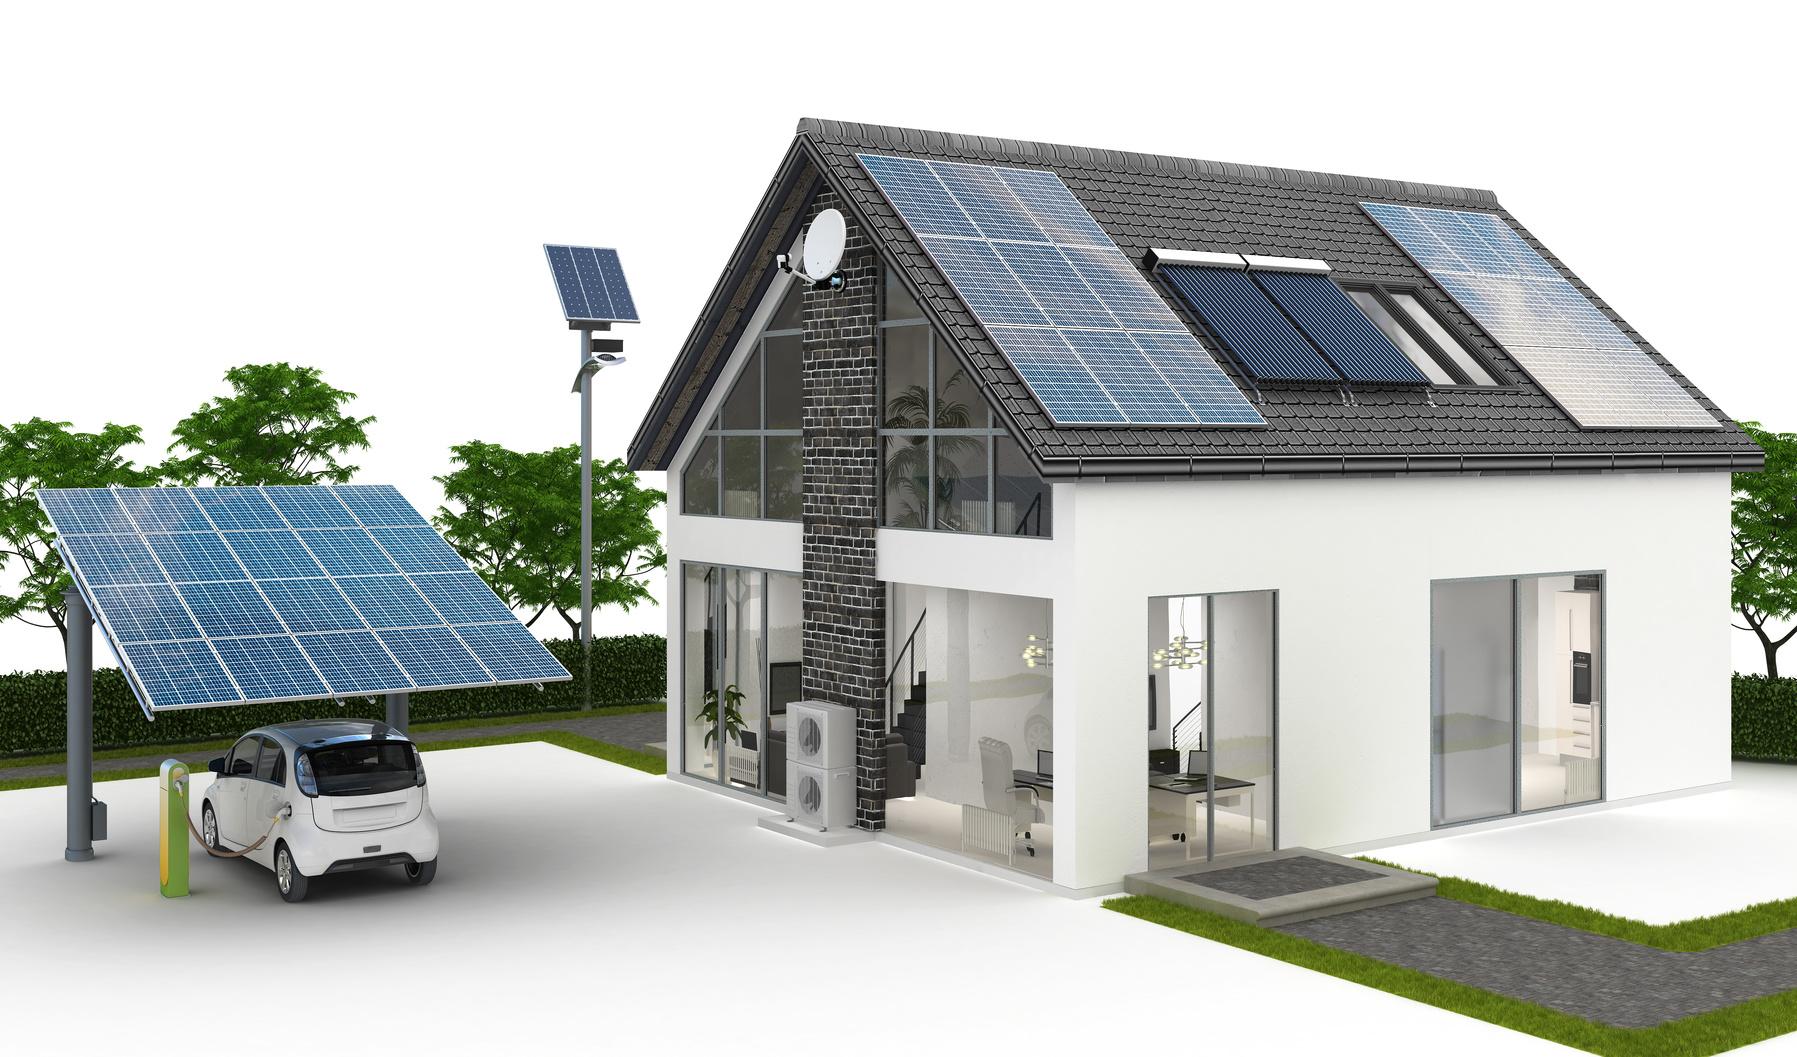 Verwendung von Batteriespeichersystemen für die Energieversorgung eines Einfamilienhauses